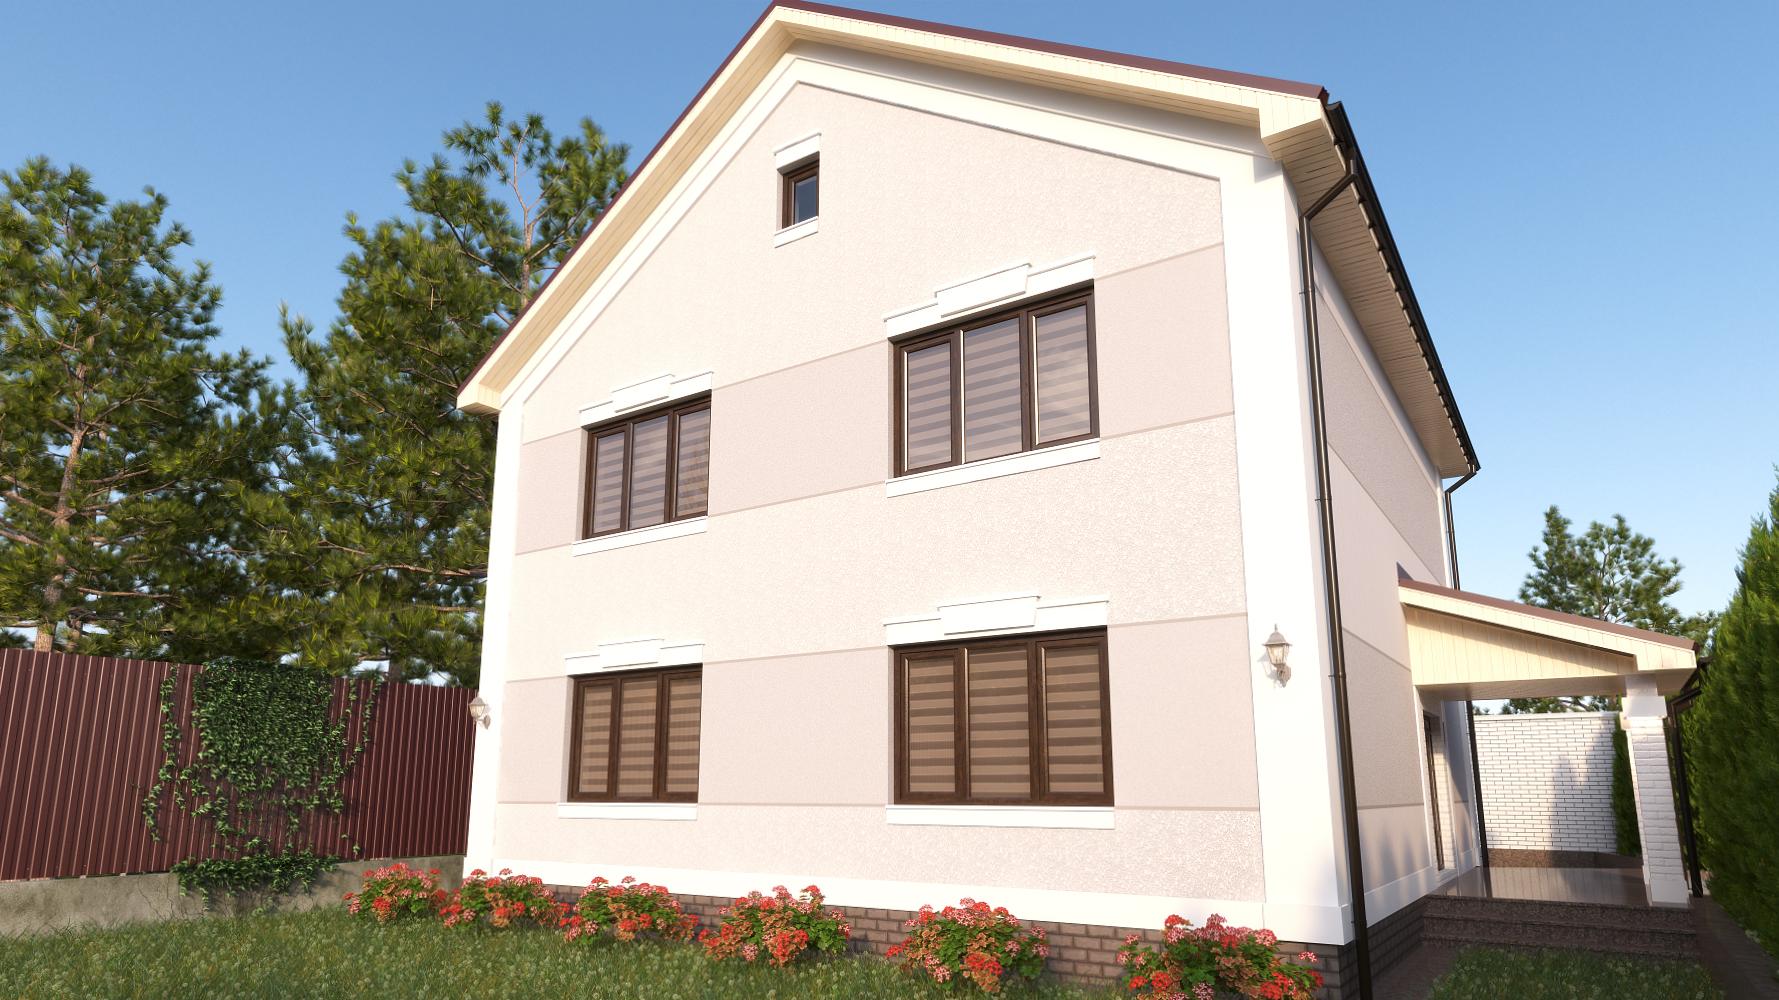 facade_1